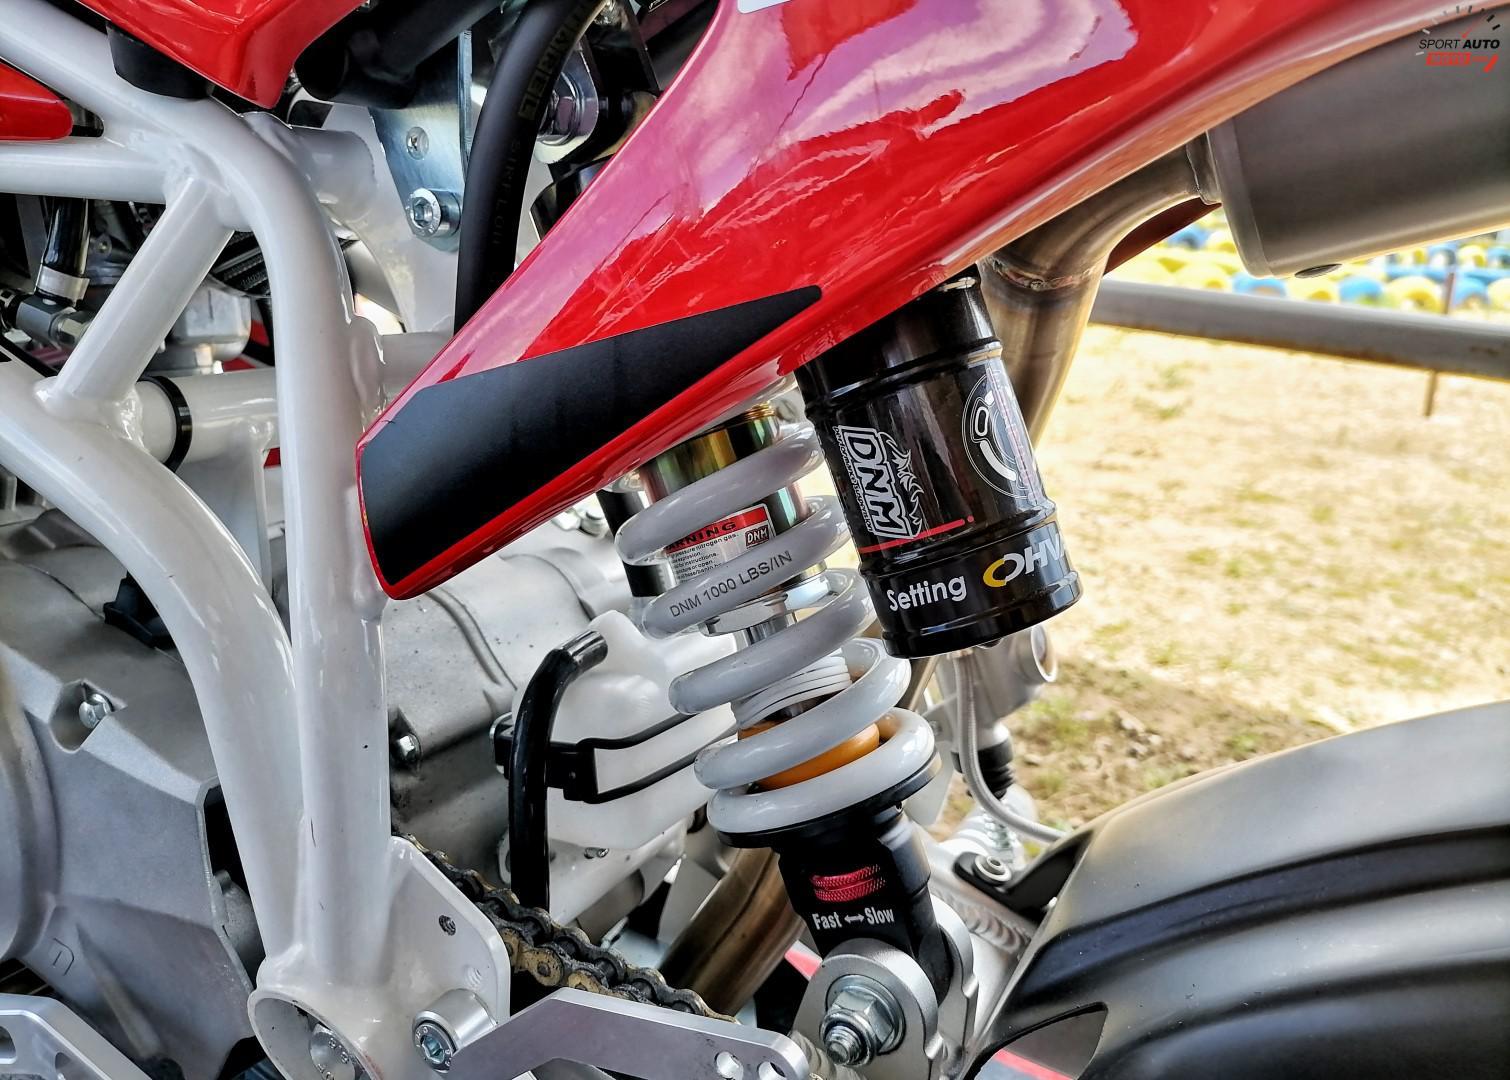 la-marque-de-moto-de-competition-ohvale-officiellement-au-maroc-1316-5.jpg